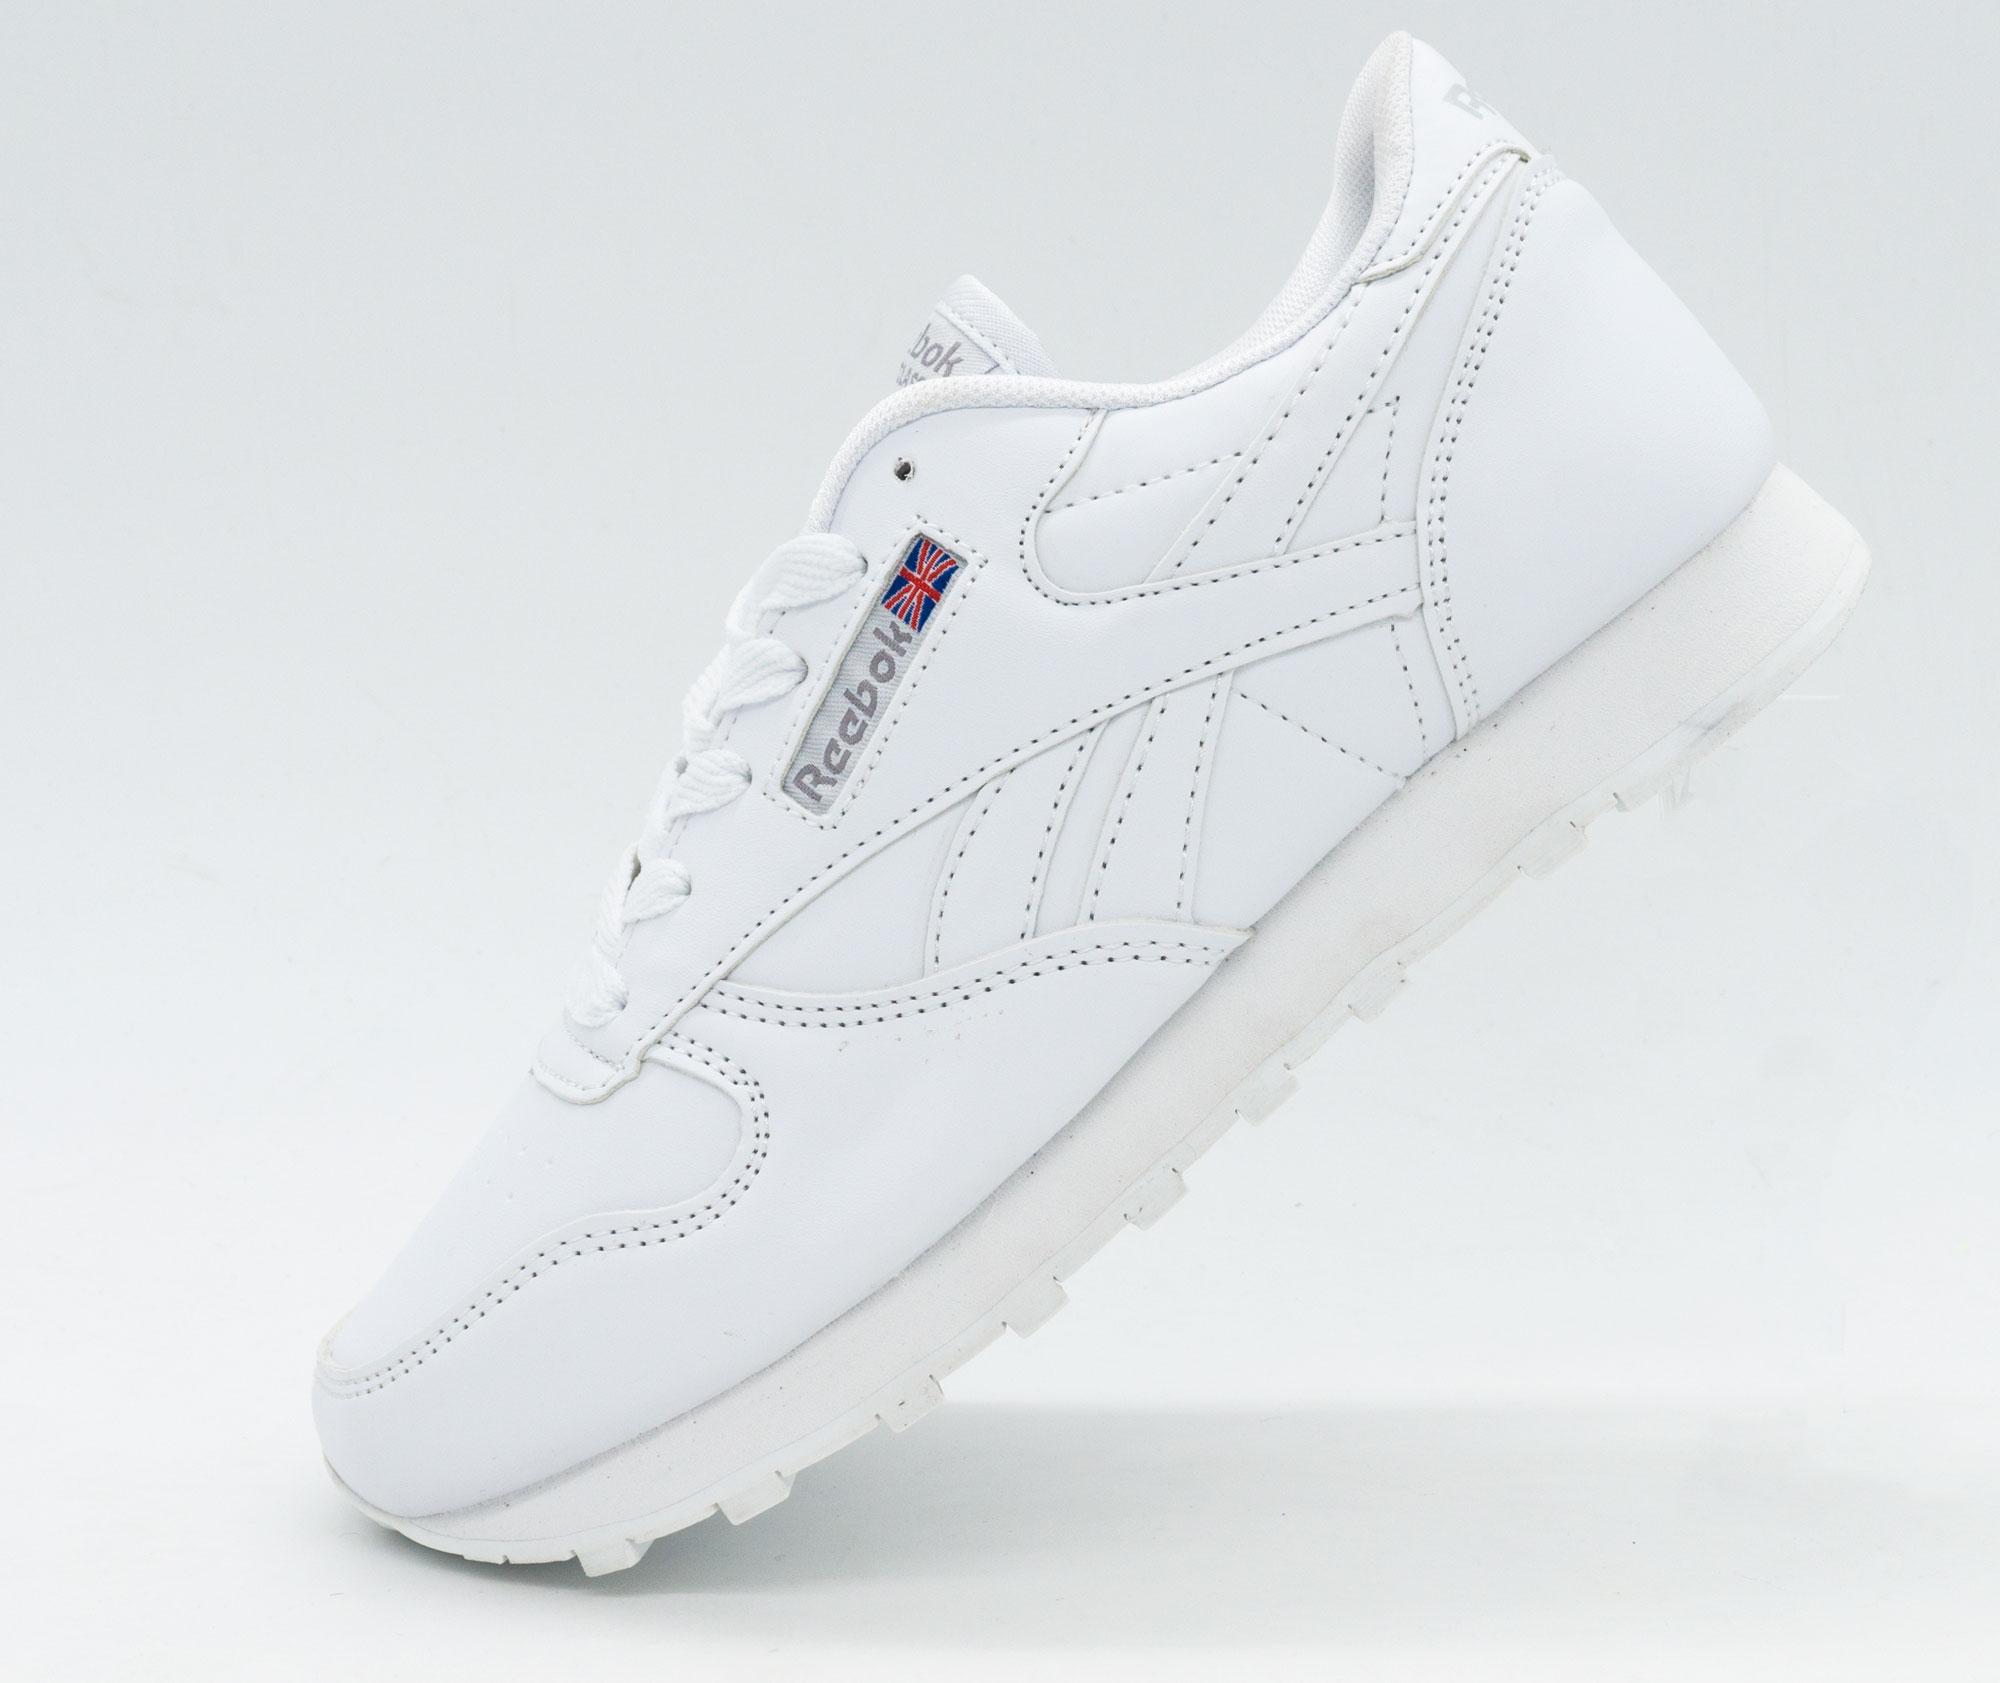 ... фото main Белые женские кроссовки Reebok classic main ... 83763a05886d1